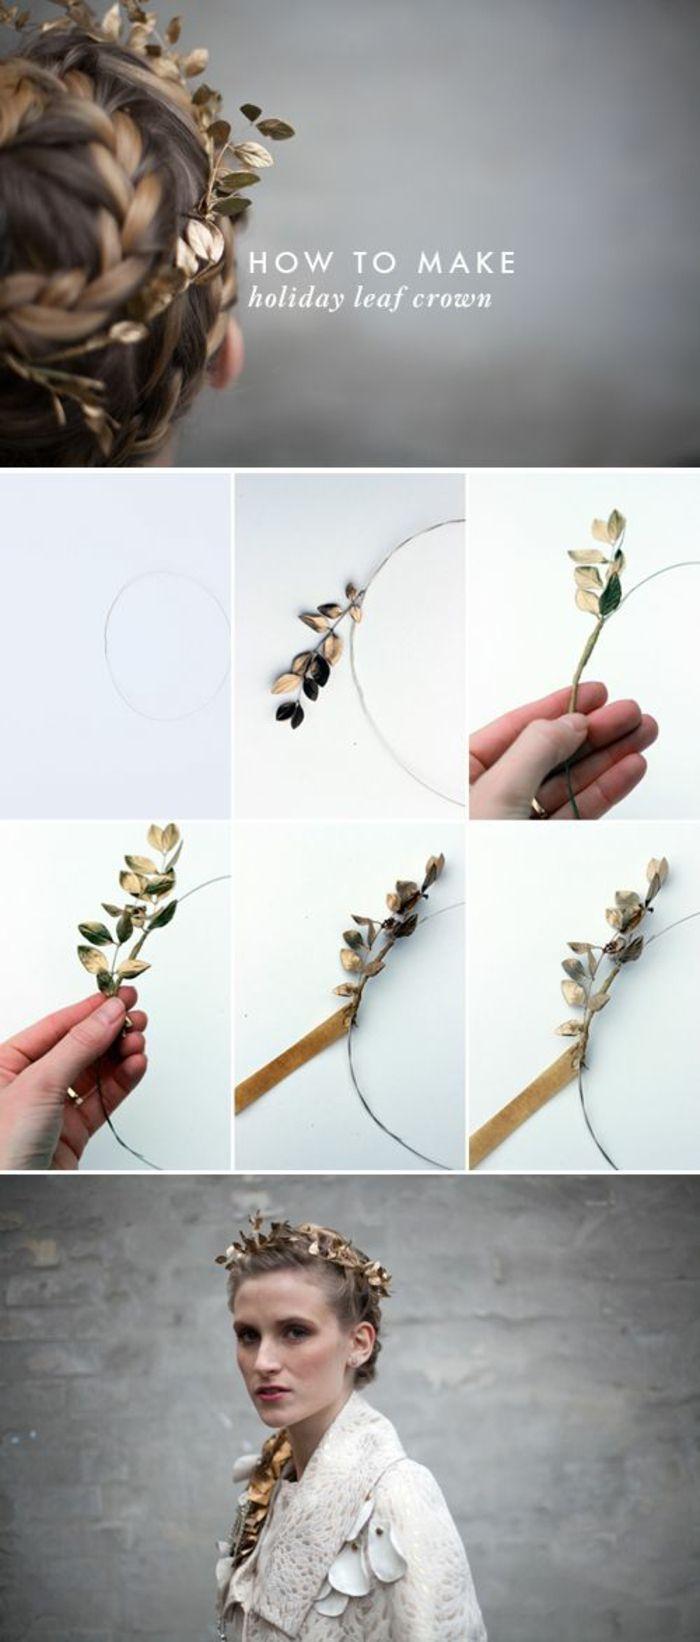 basteln mit naturmaterialien, kranz, krone aus goldenen baumblättern machen, frau, kopfschmuck (Cool Crafts Holidays)